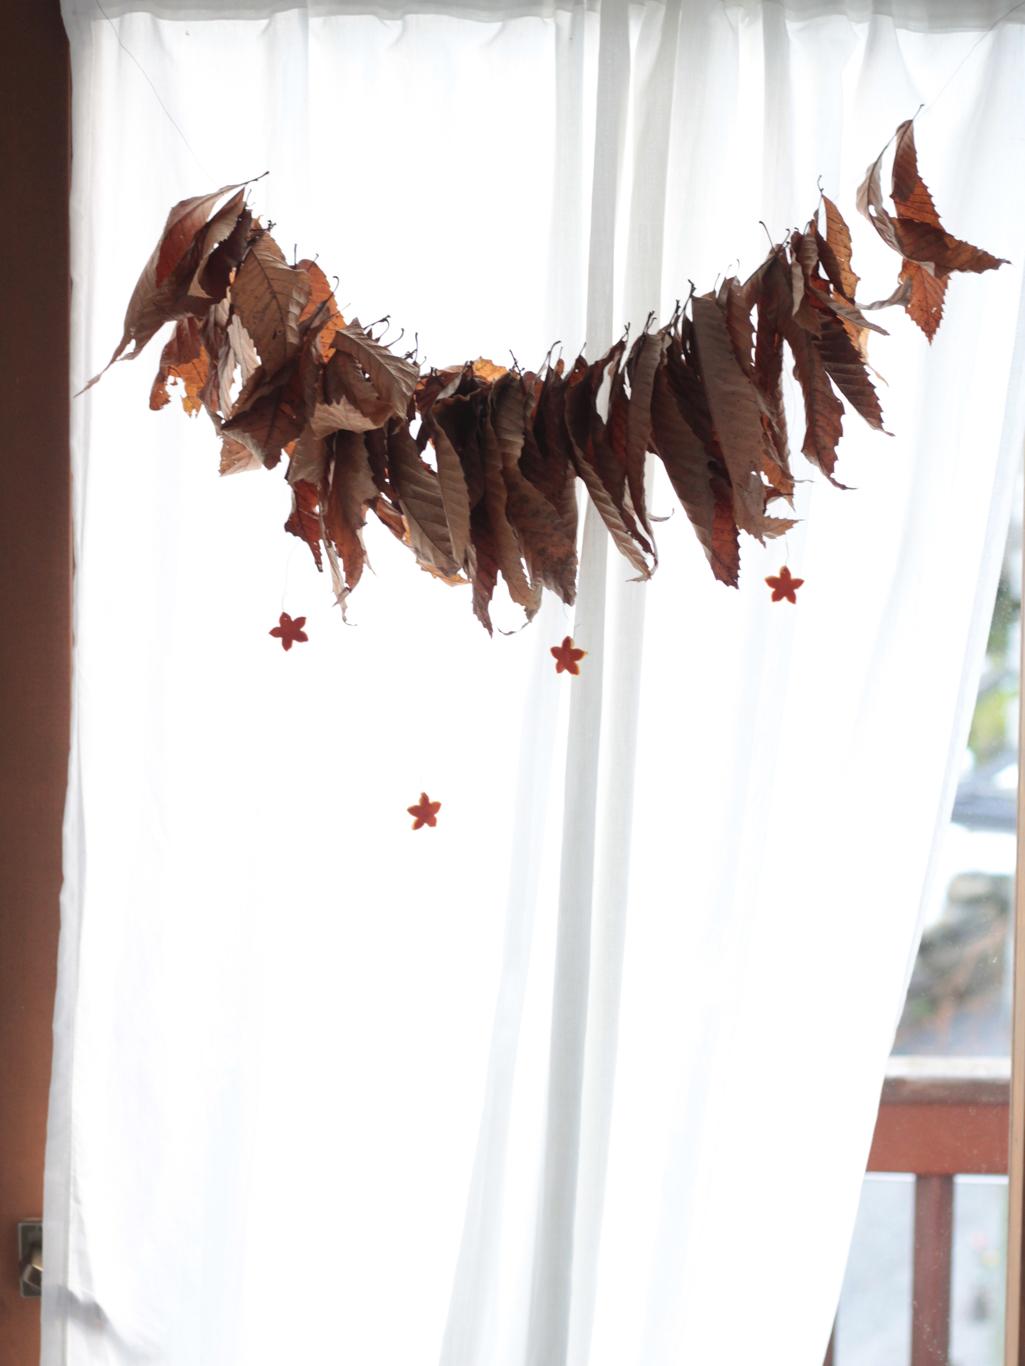 ghirlanda di castagno e bucce d'arancio finestra